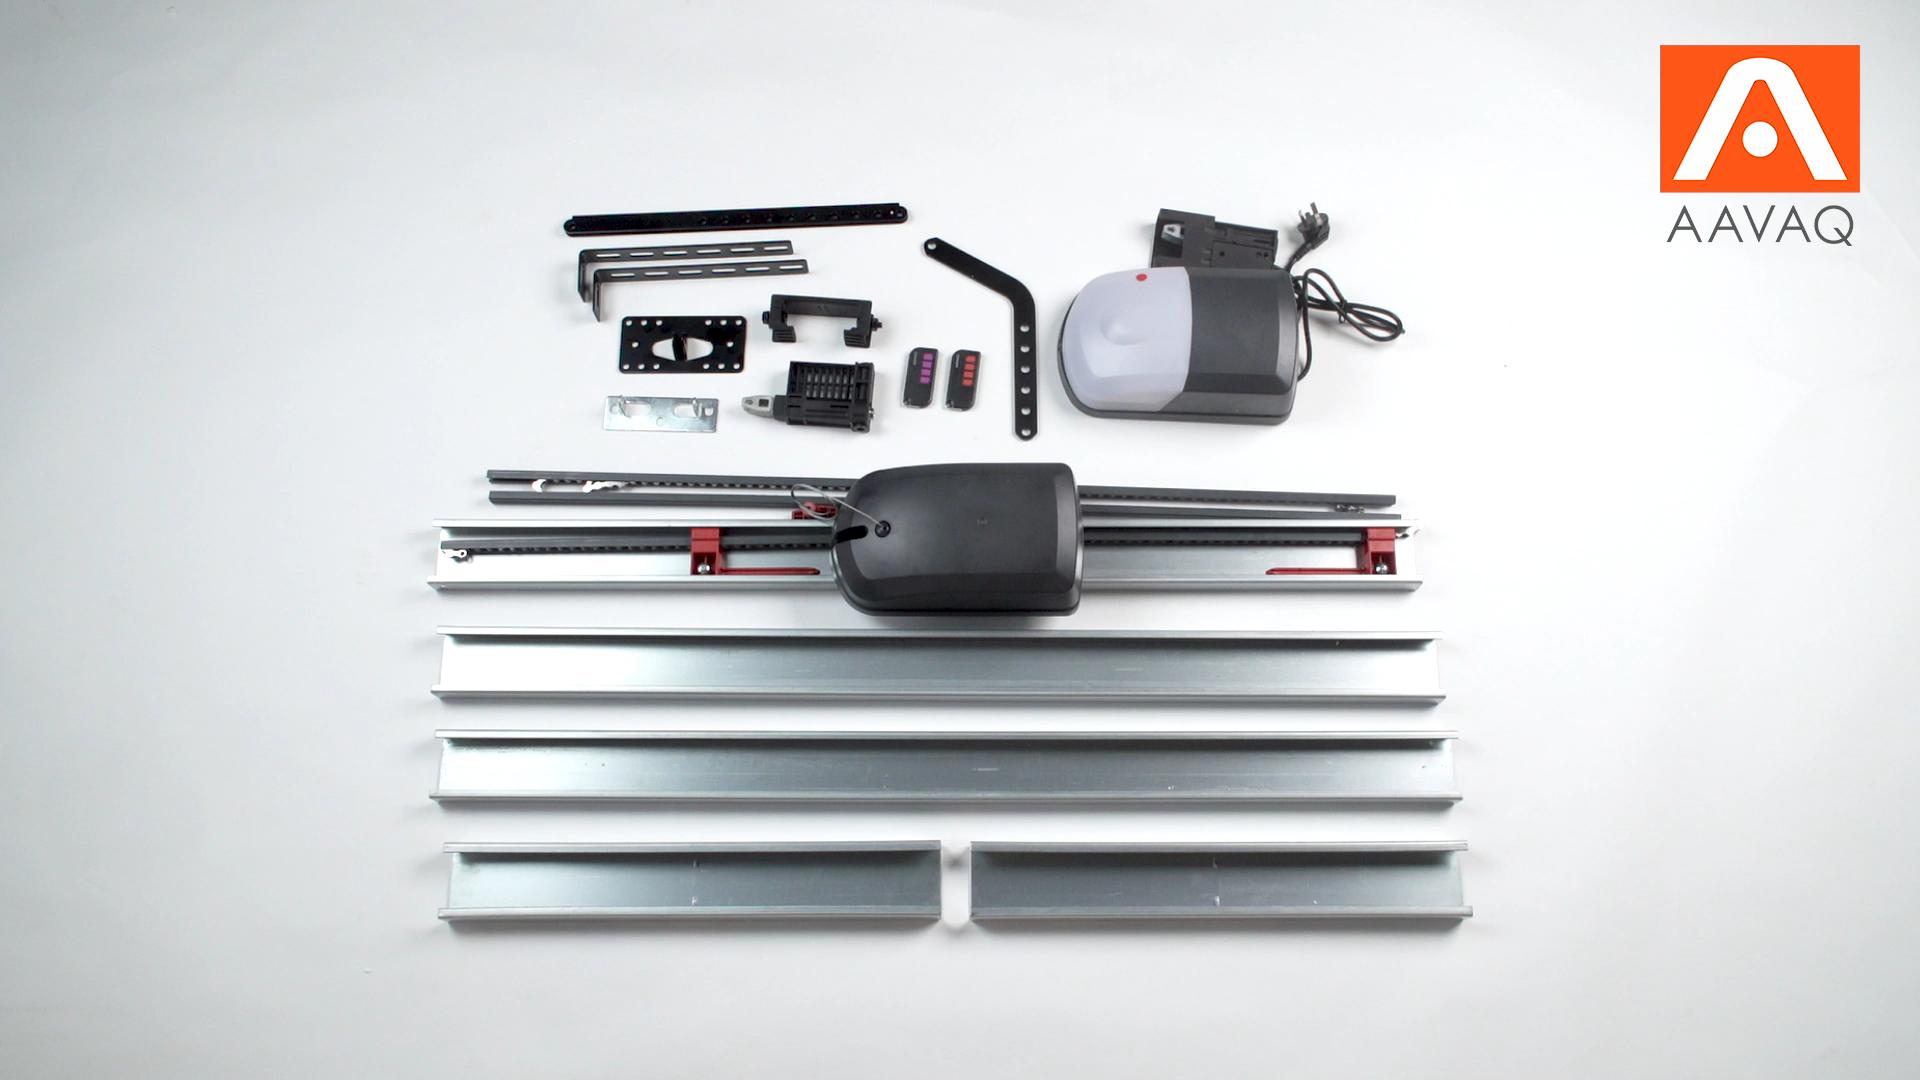 AAVAQ S12/600 600N Battery Backup WiFi Garage Door Opener DC Motor Automatic Door Operator